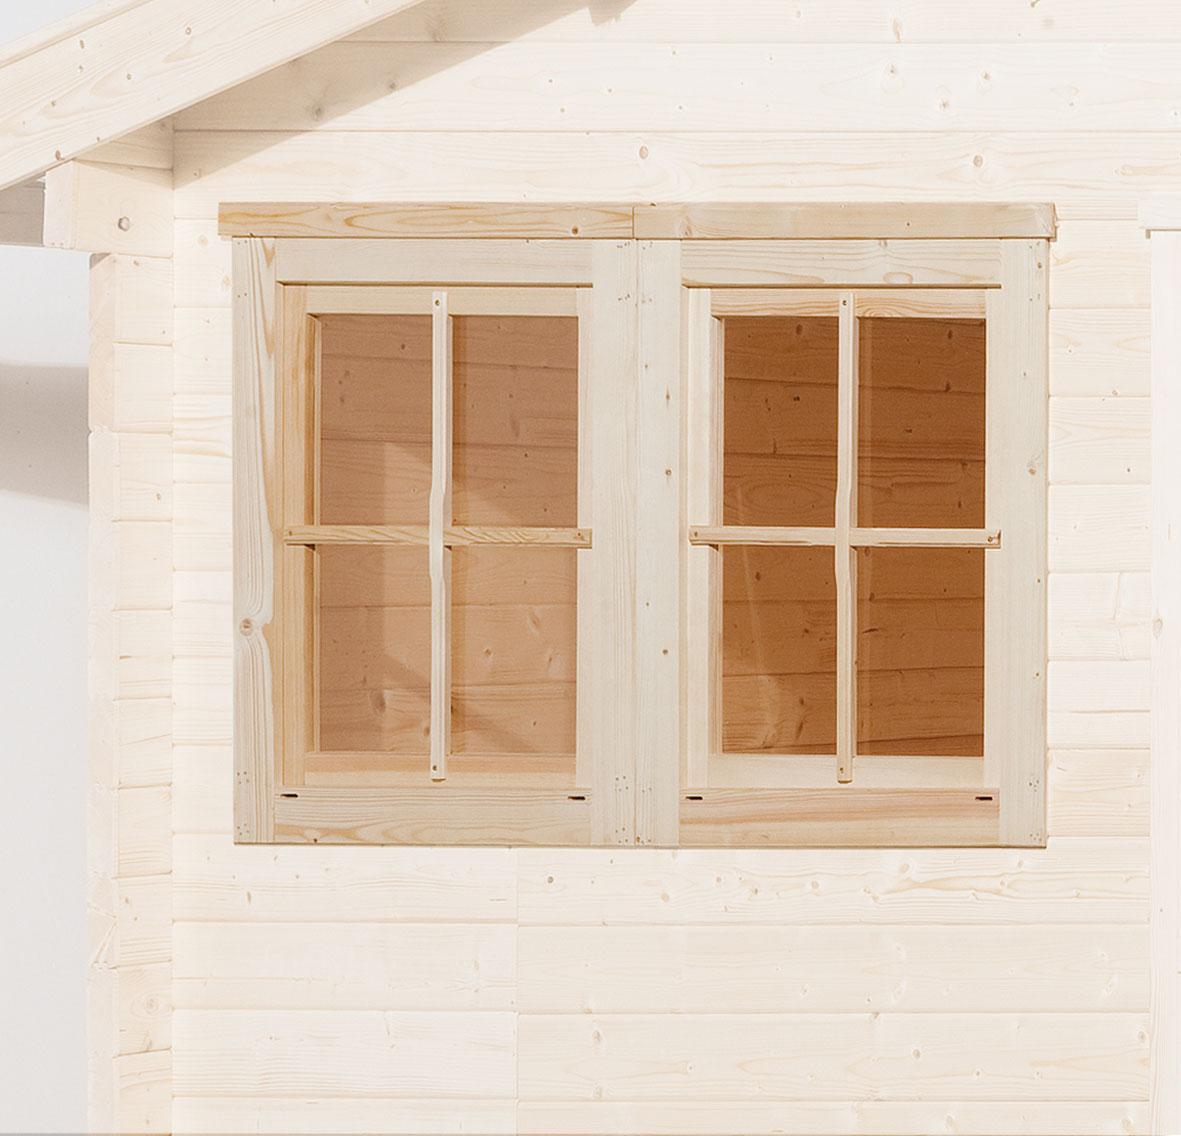 Gartenhausfenster für Wandstärke 21 - 28 mm 138x79cm Bild 1